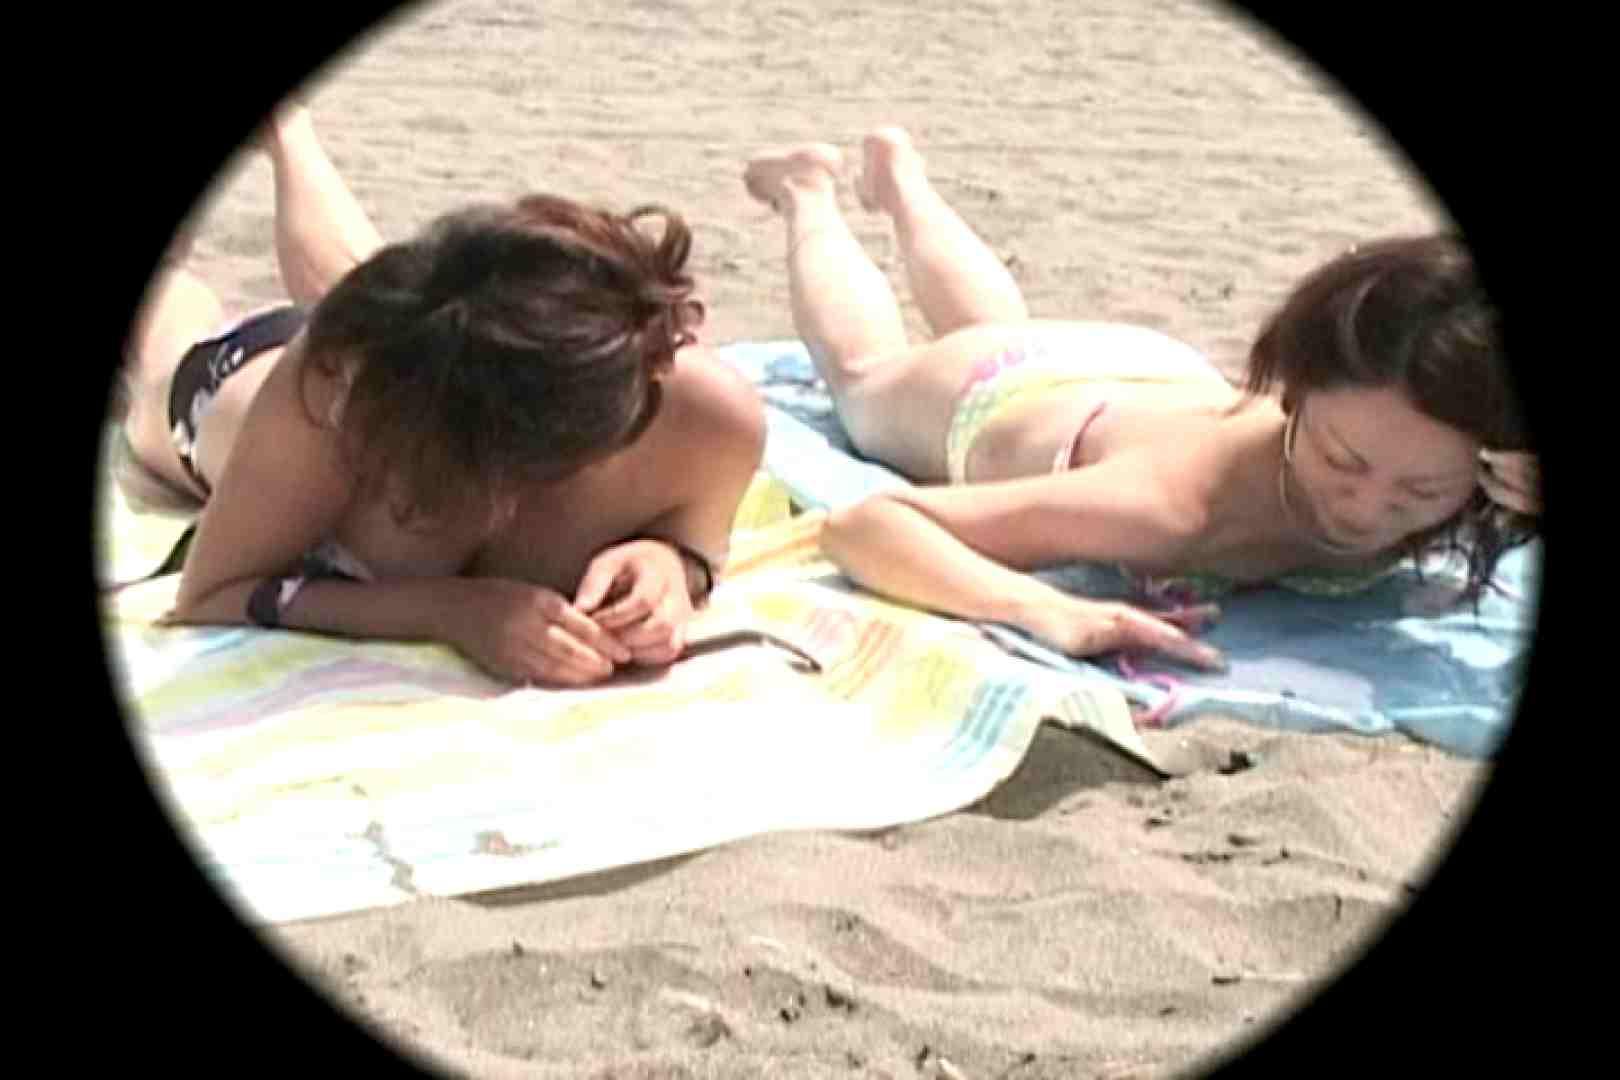 ビーチで発見!!はしゃぎ過ぎポロリギャルVol.5 ロリ 盗み撮り動画キャプチャ 96pic 44